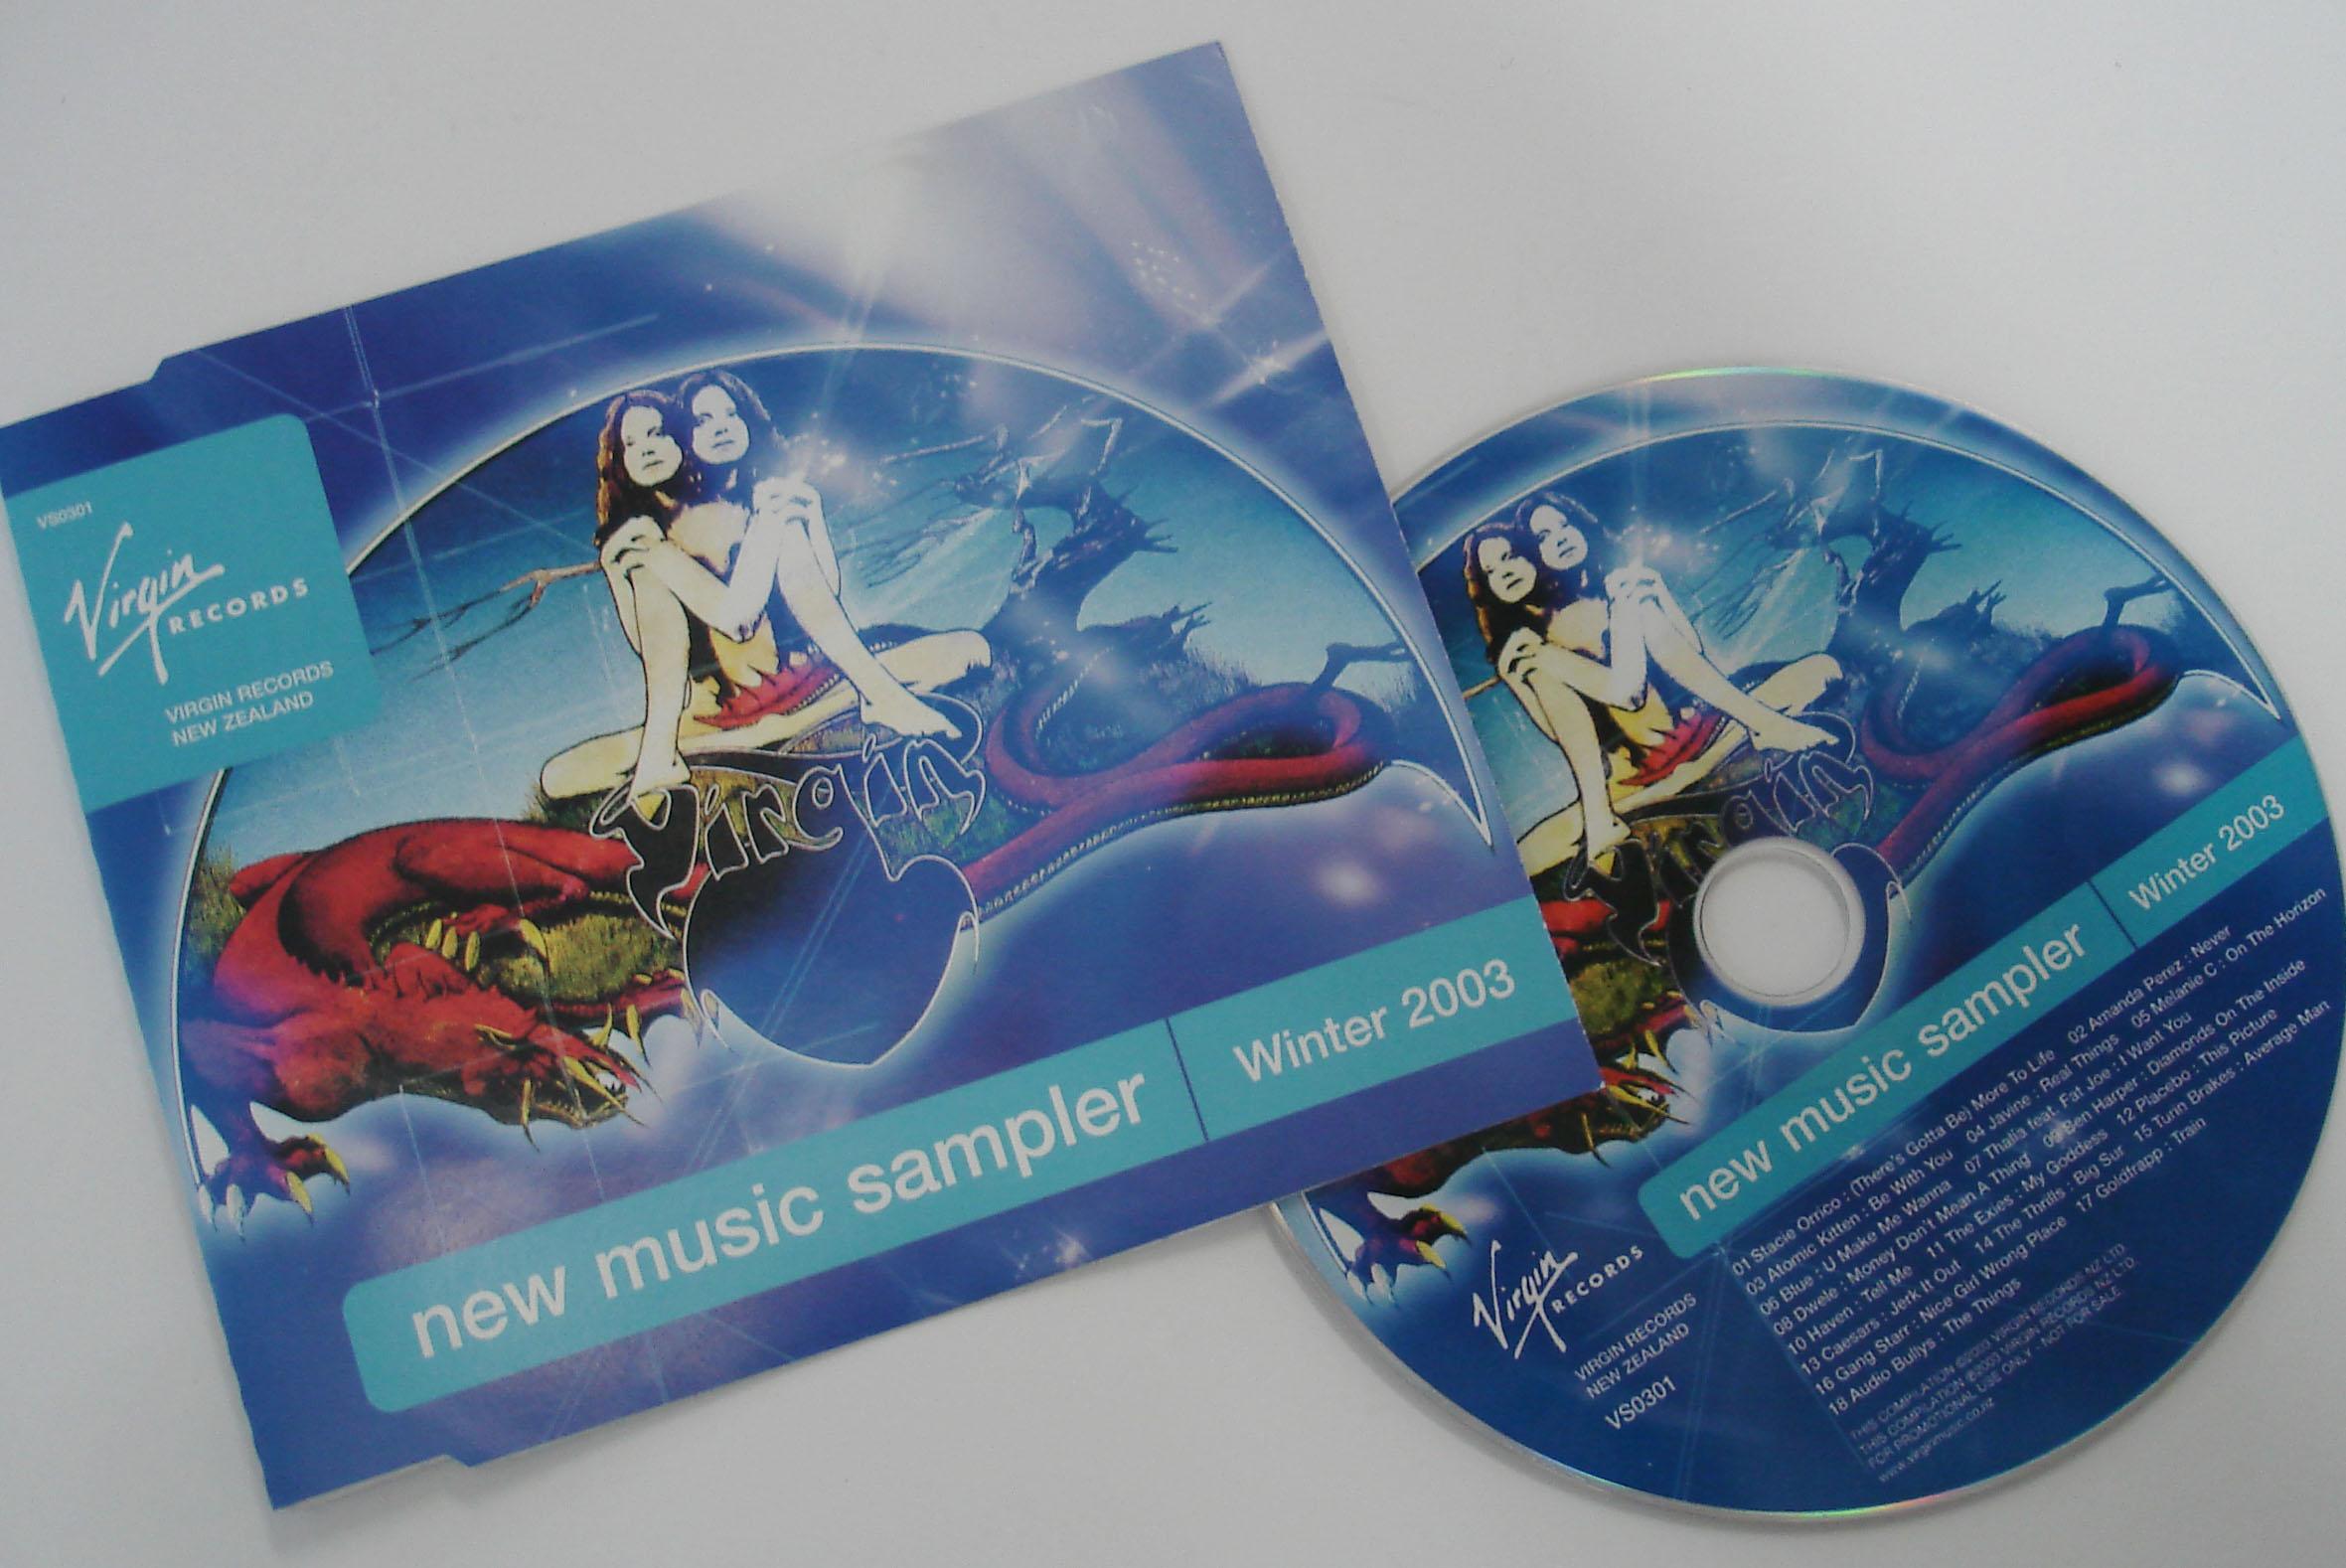 VIRGIN RECORDS - NEW MUSIC SAMPLER